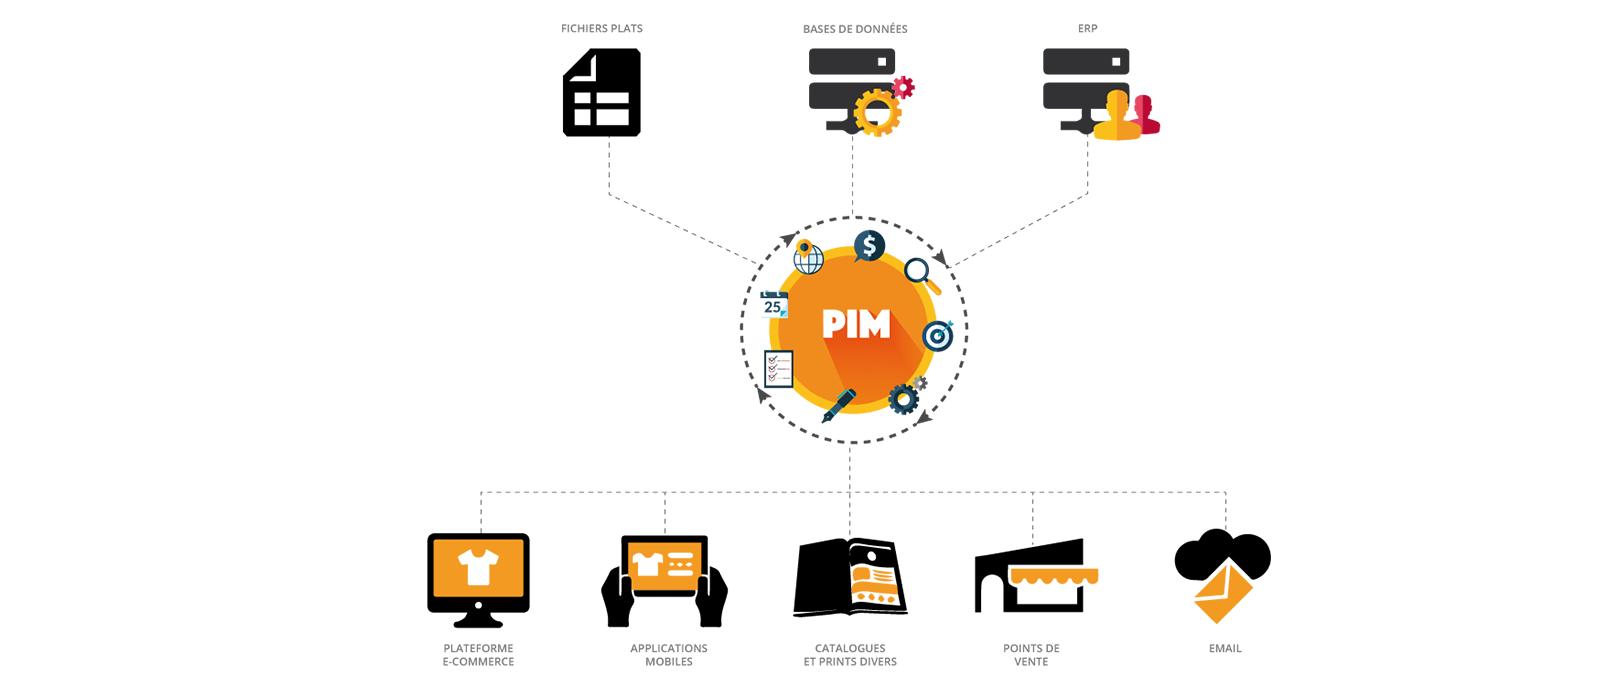 schéma représentant le fonctionnement d'un PIM